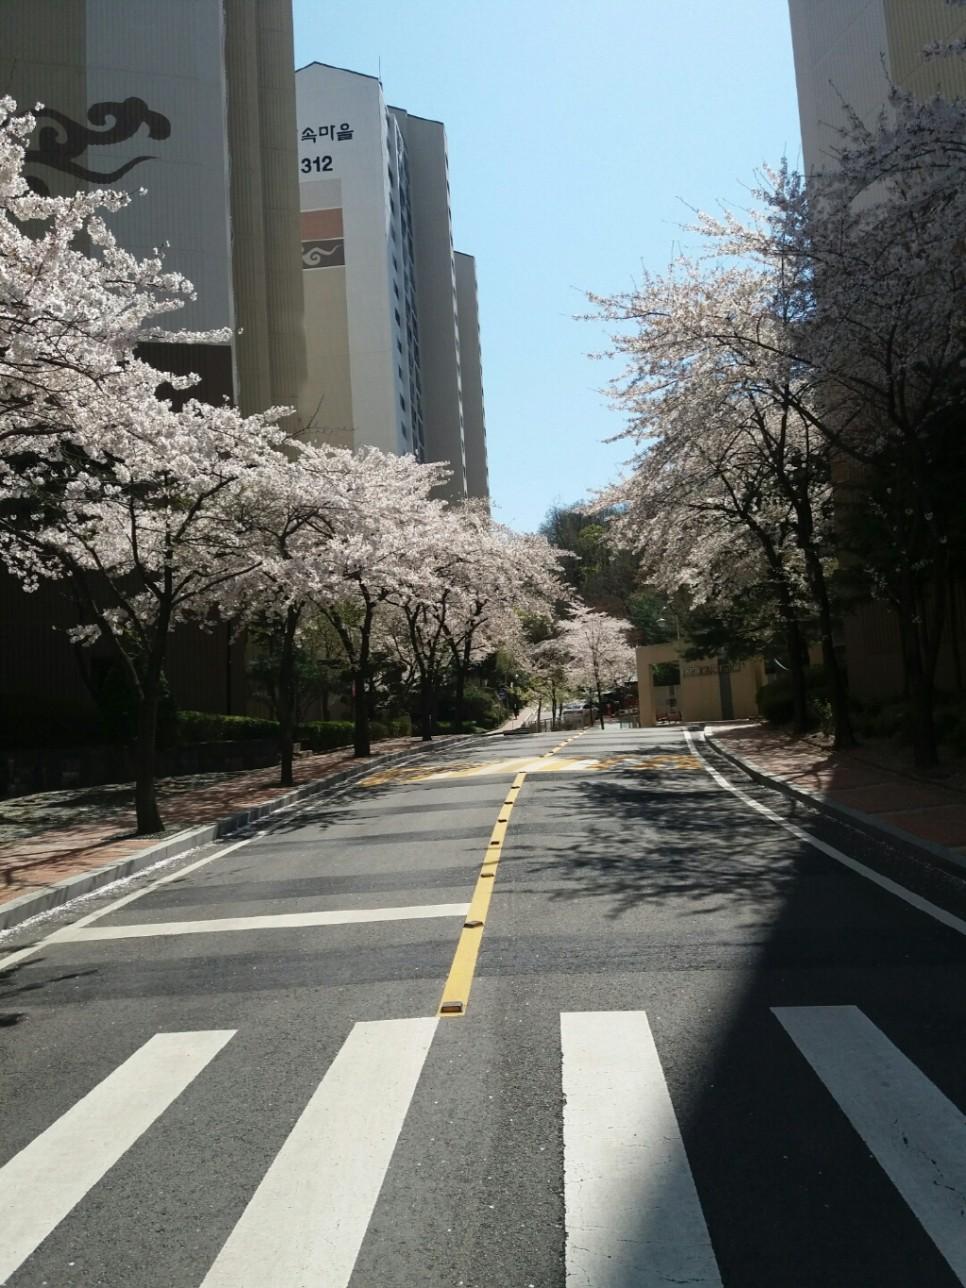 아파트 단지 내 활짝 핀 벚꽃 길 풍경